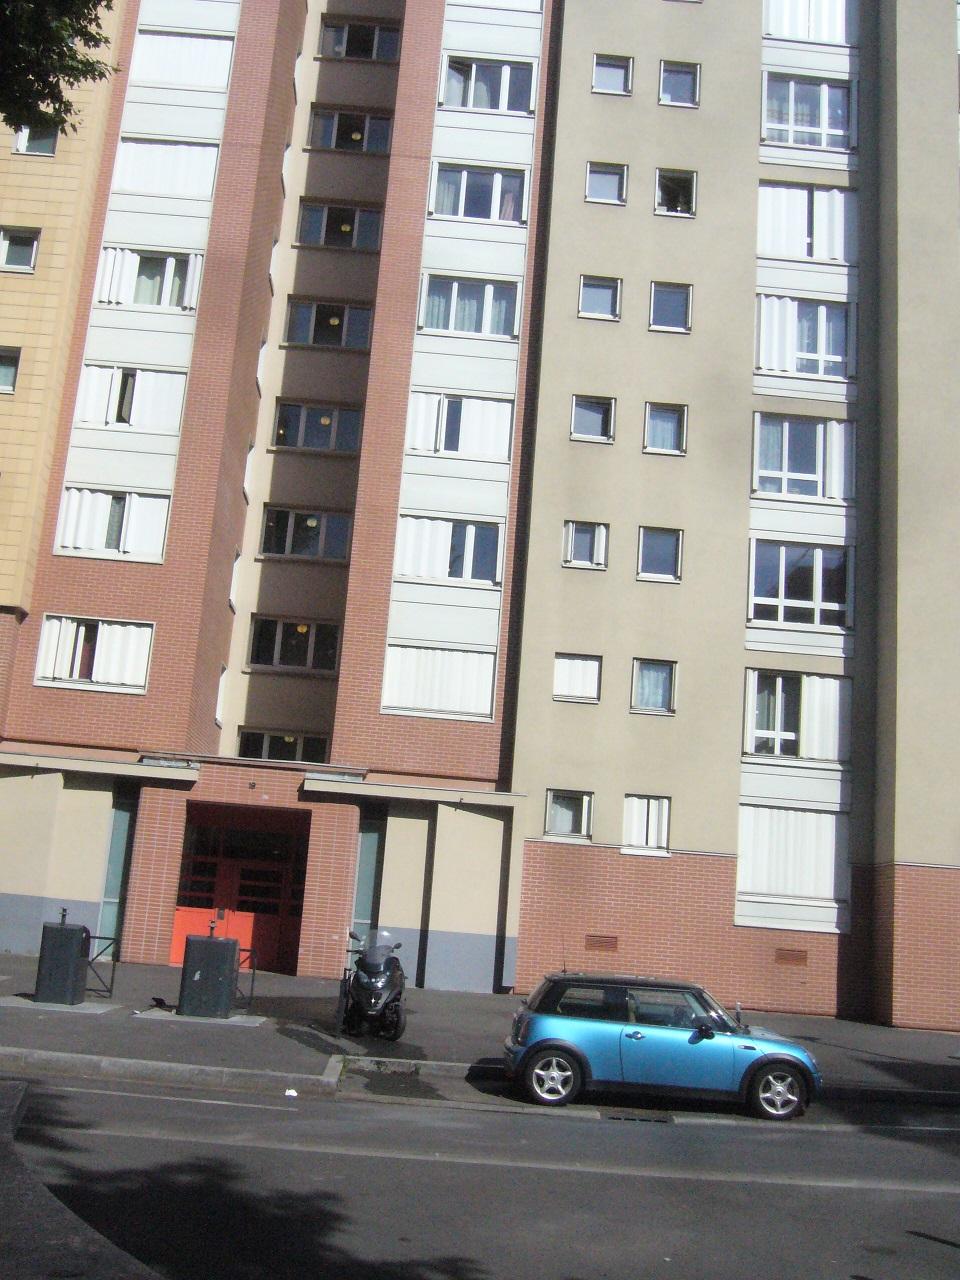 saint denis 12 immeuble rehabilite pres du centre social.jpg